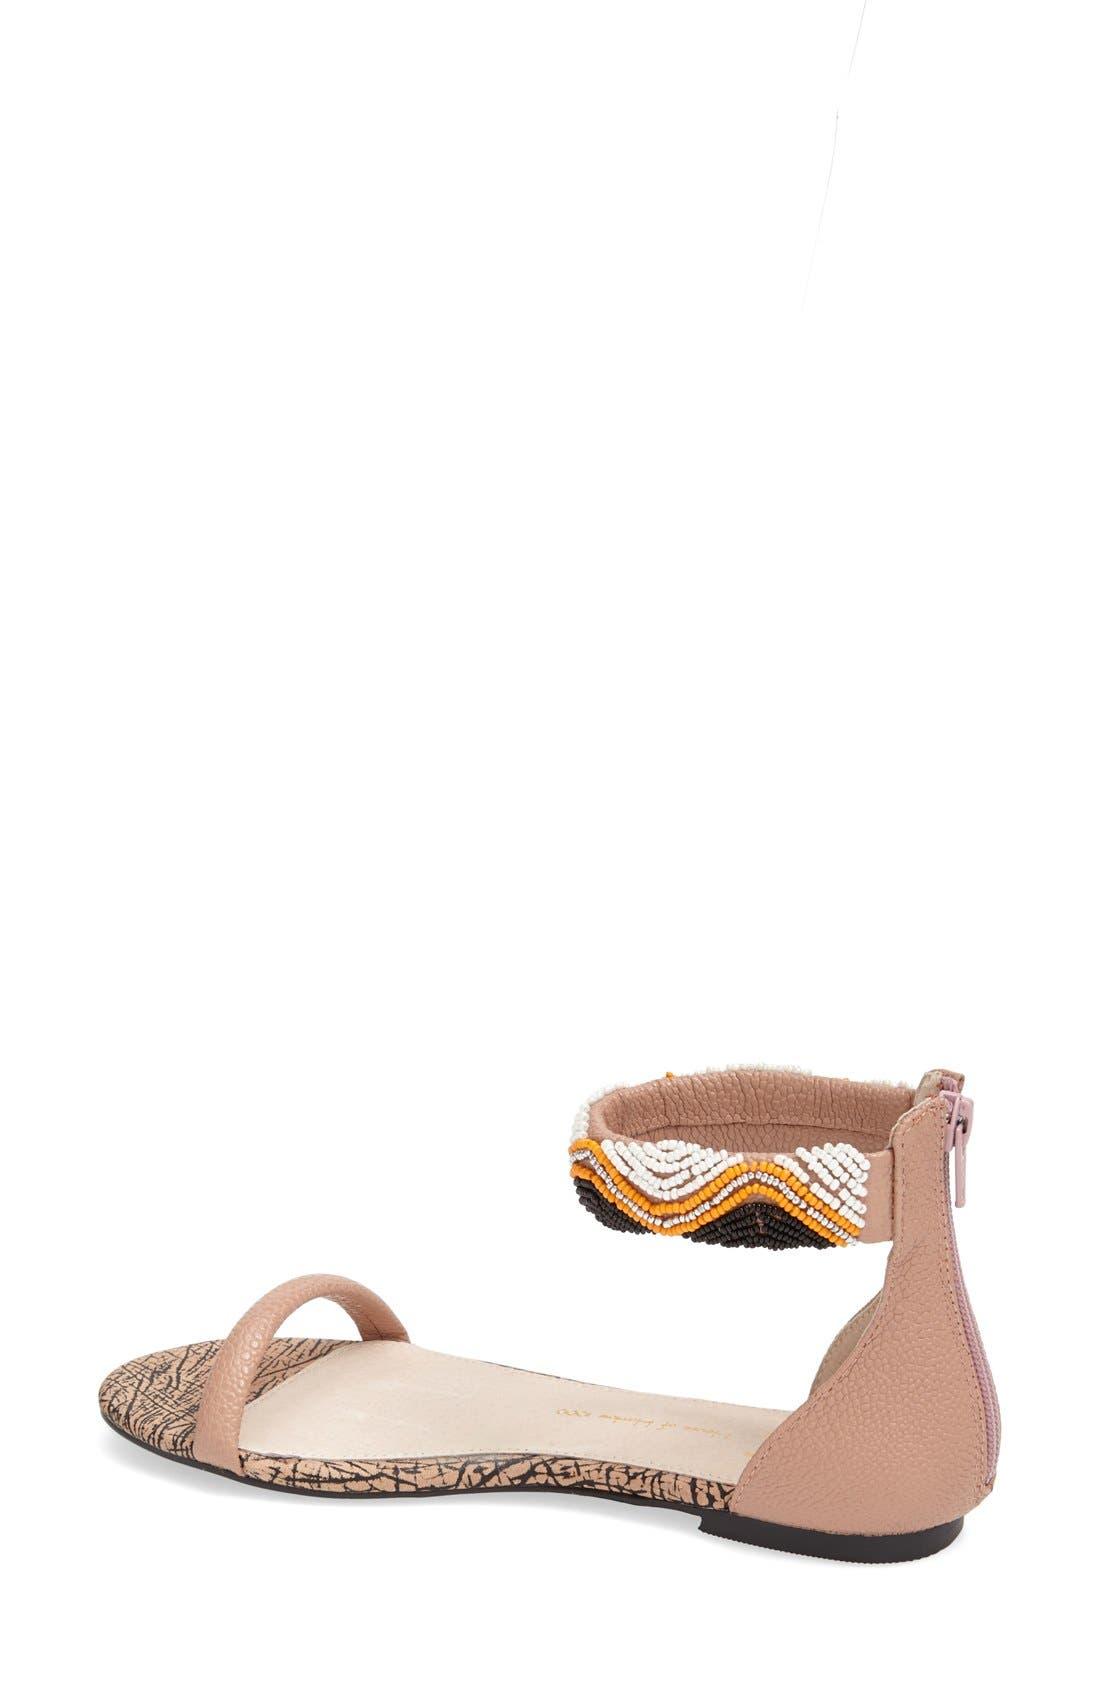 Alternate Image 2  - House of Harlow 1960 Beaded Ankle Strap Sandal (Women)